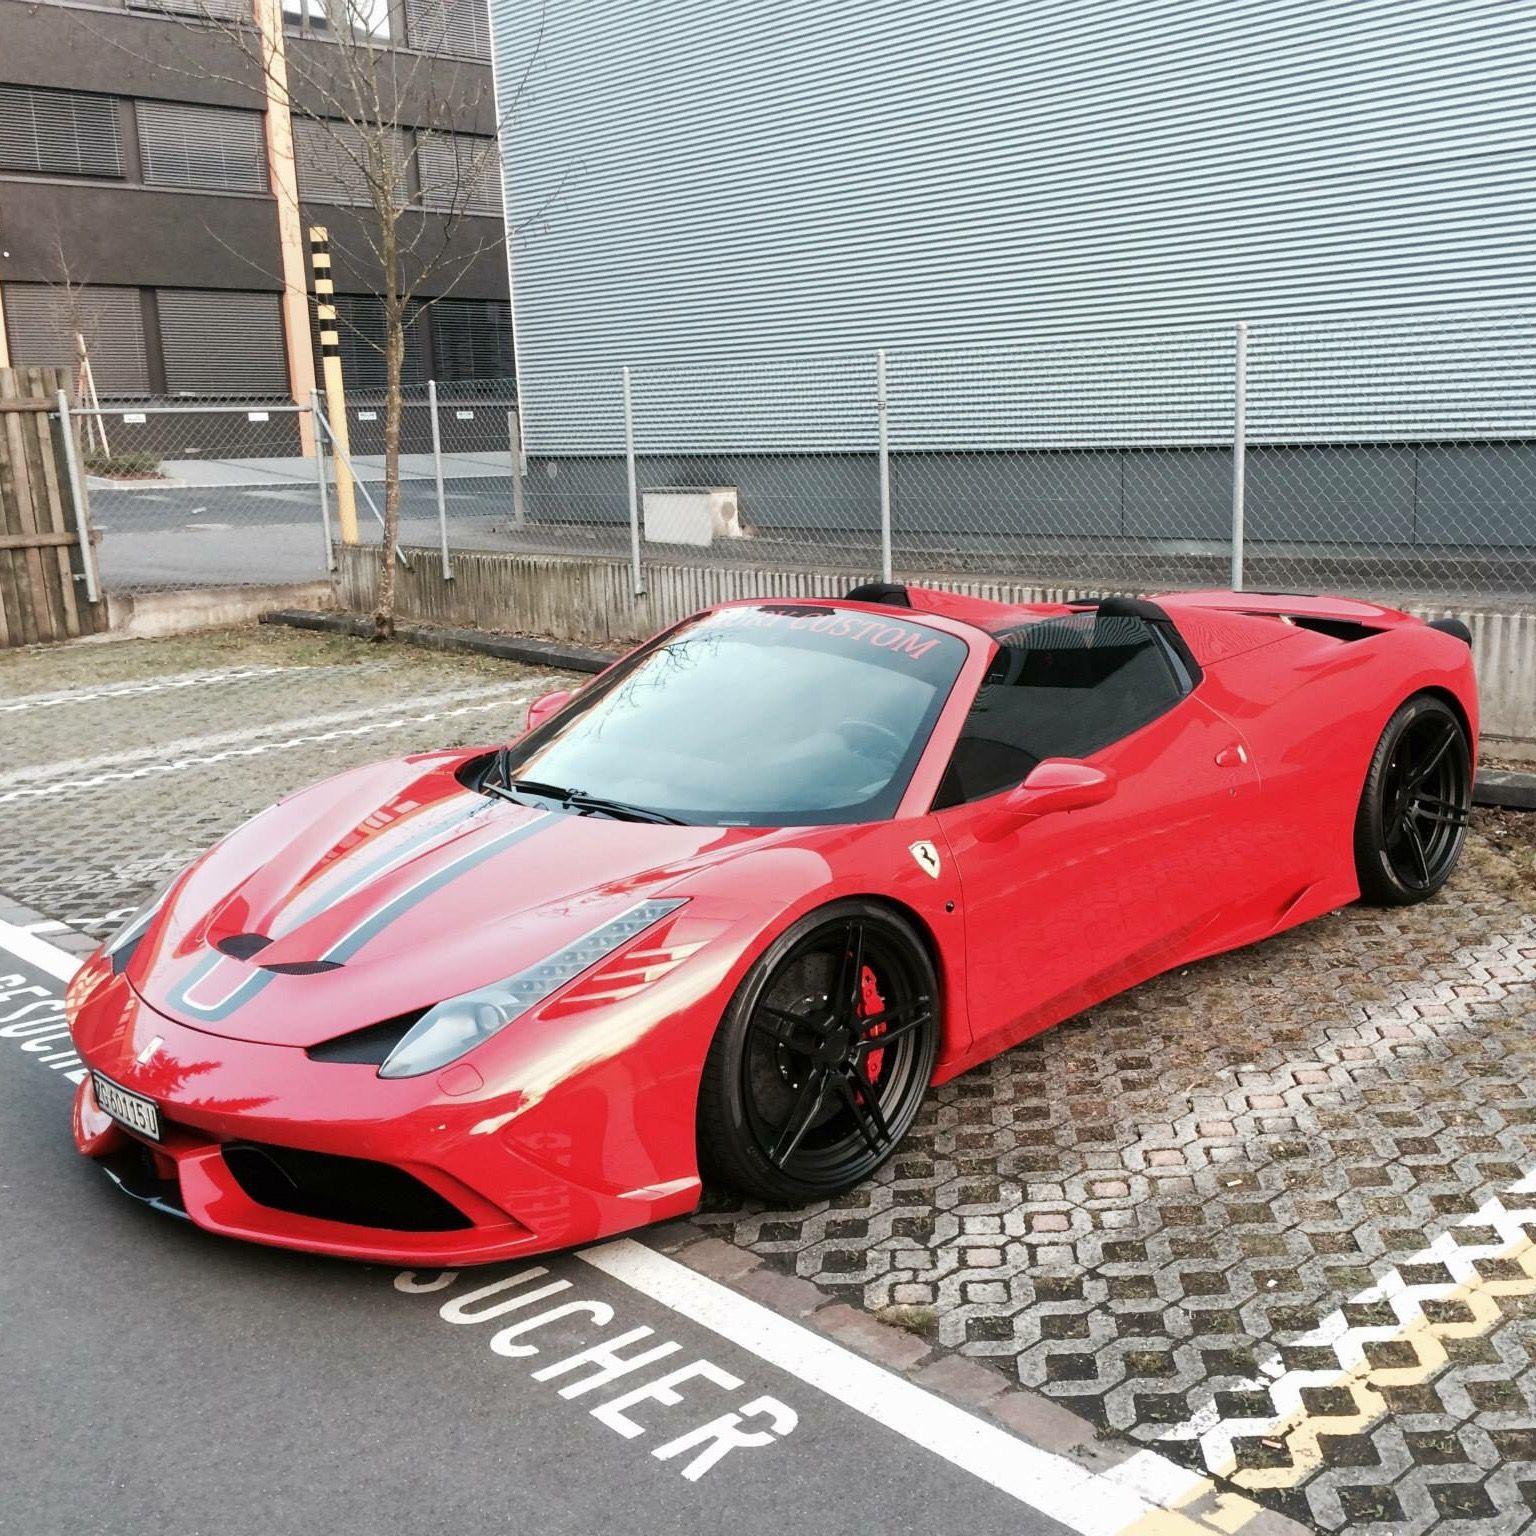 ferrari 458 speciale aperta painted in rosso corsa w/ black